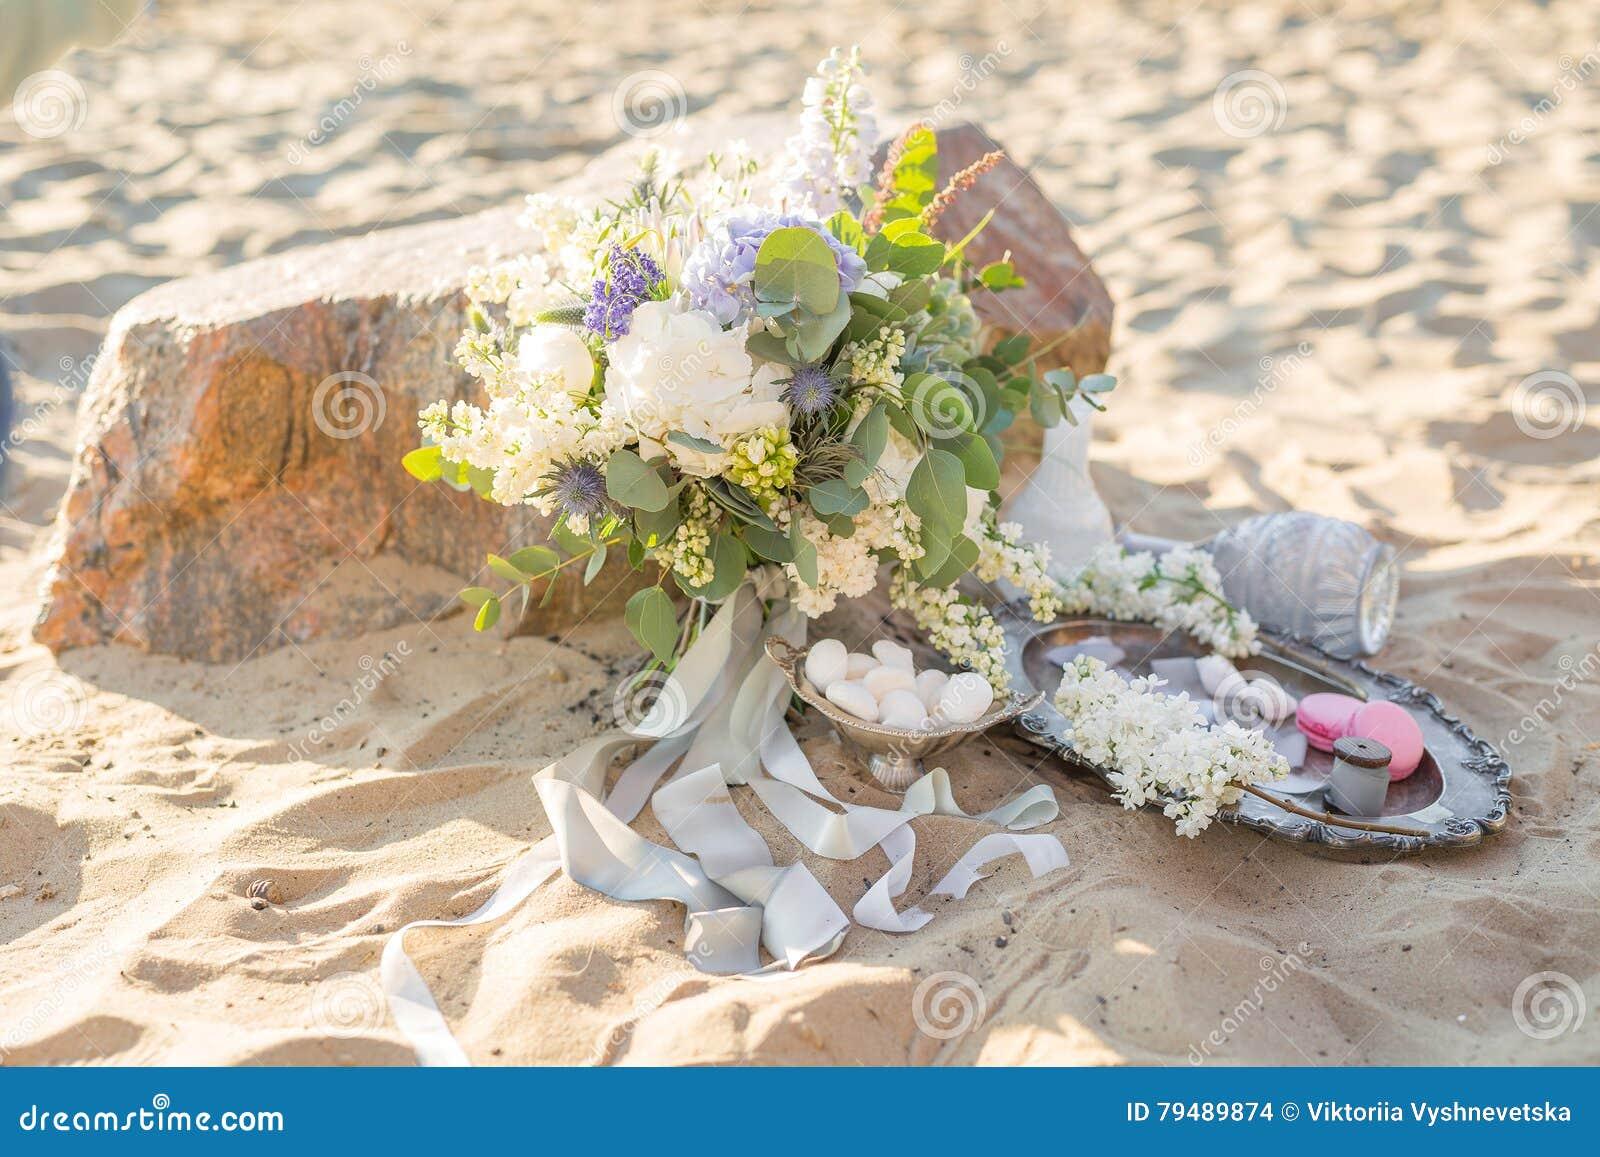 Schone Stilvolle Dekoration Mit Einem Blumenstrauss Und Makronen Nahe